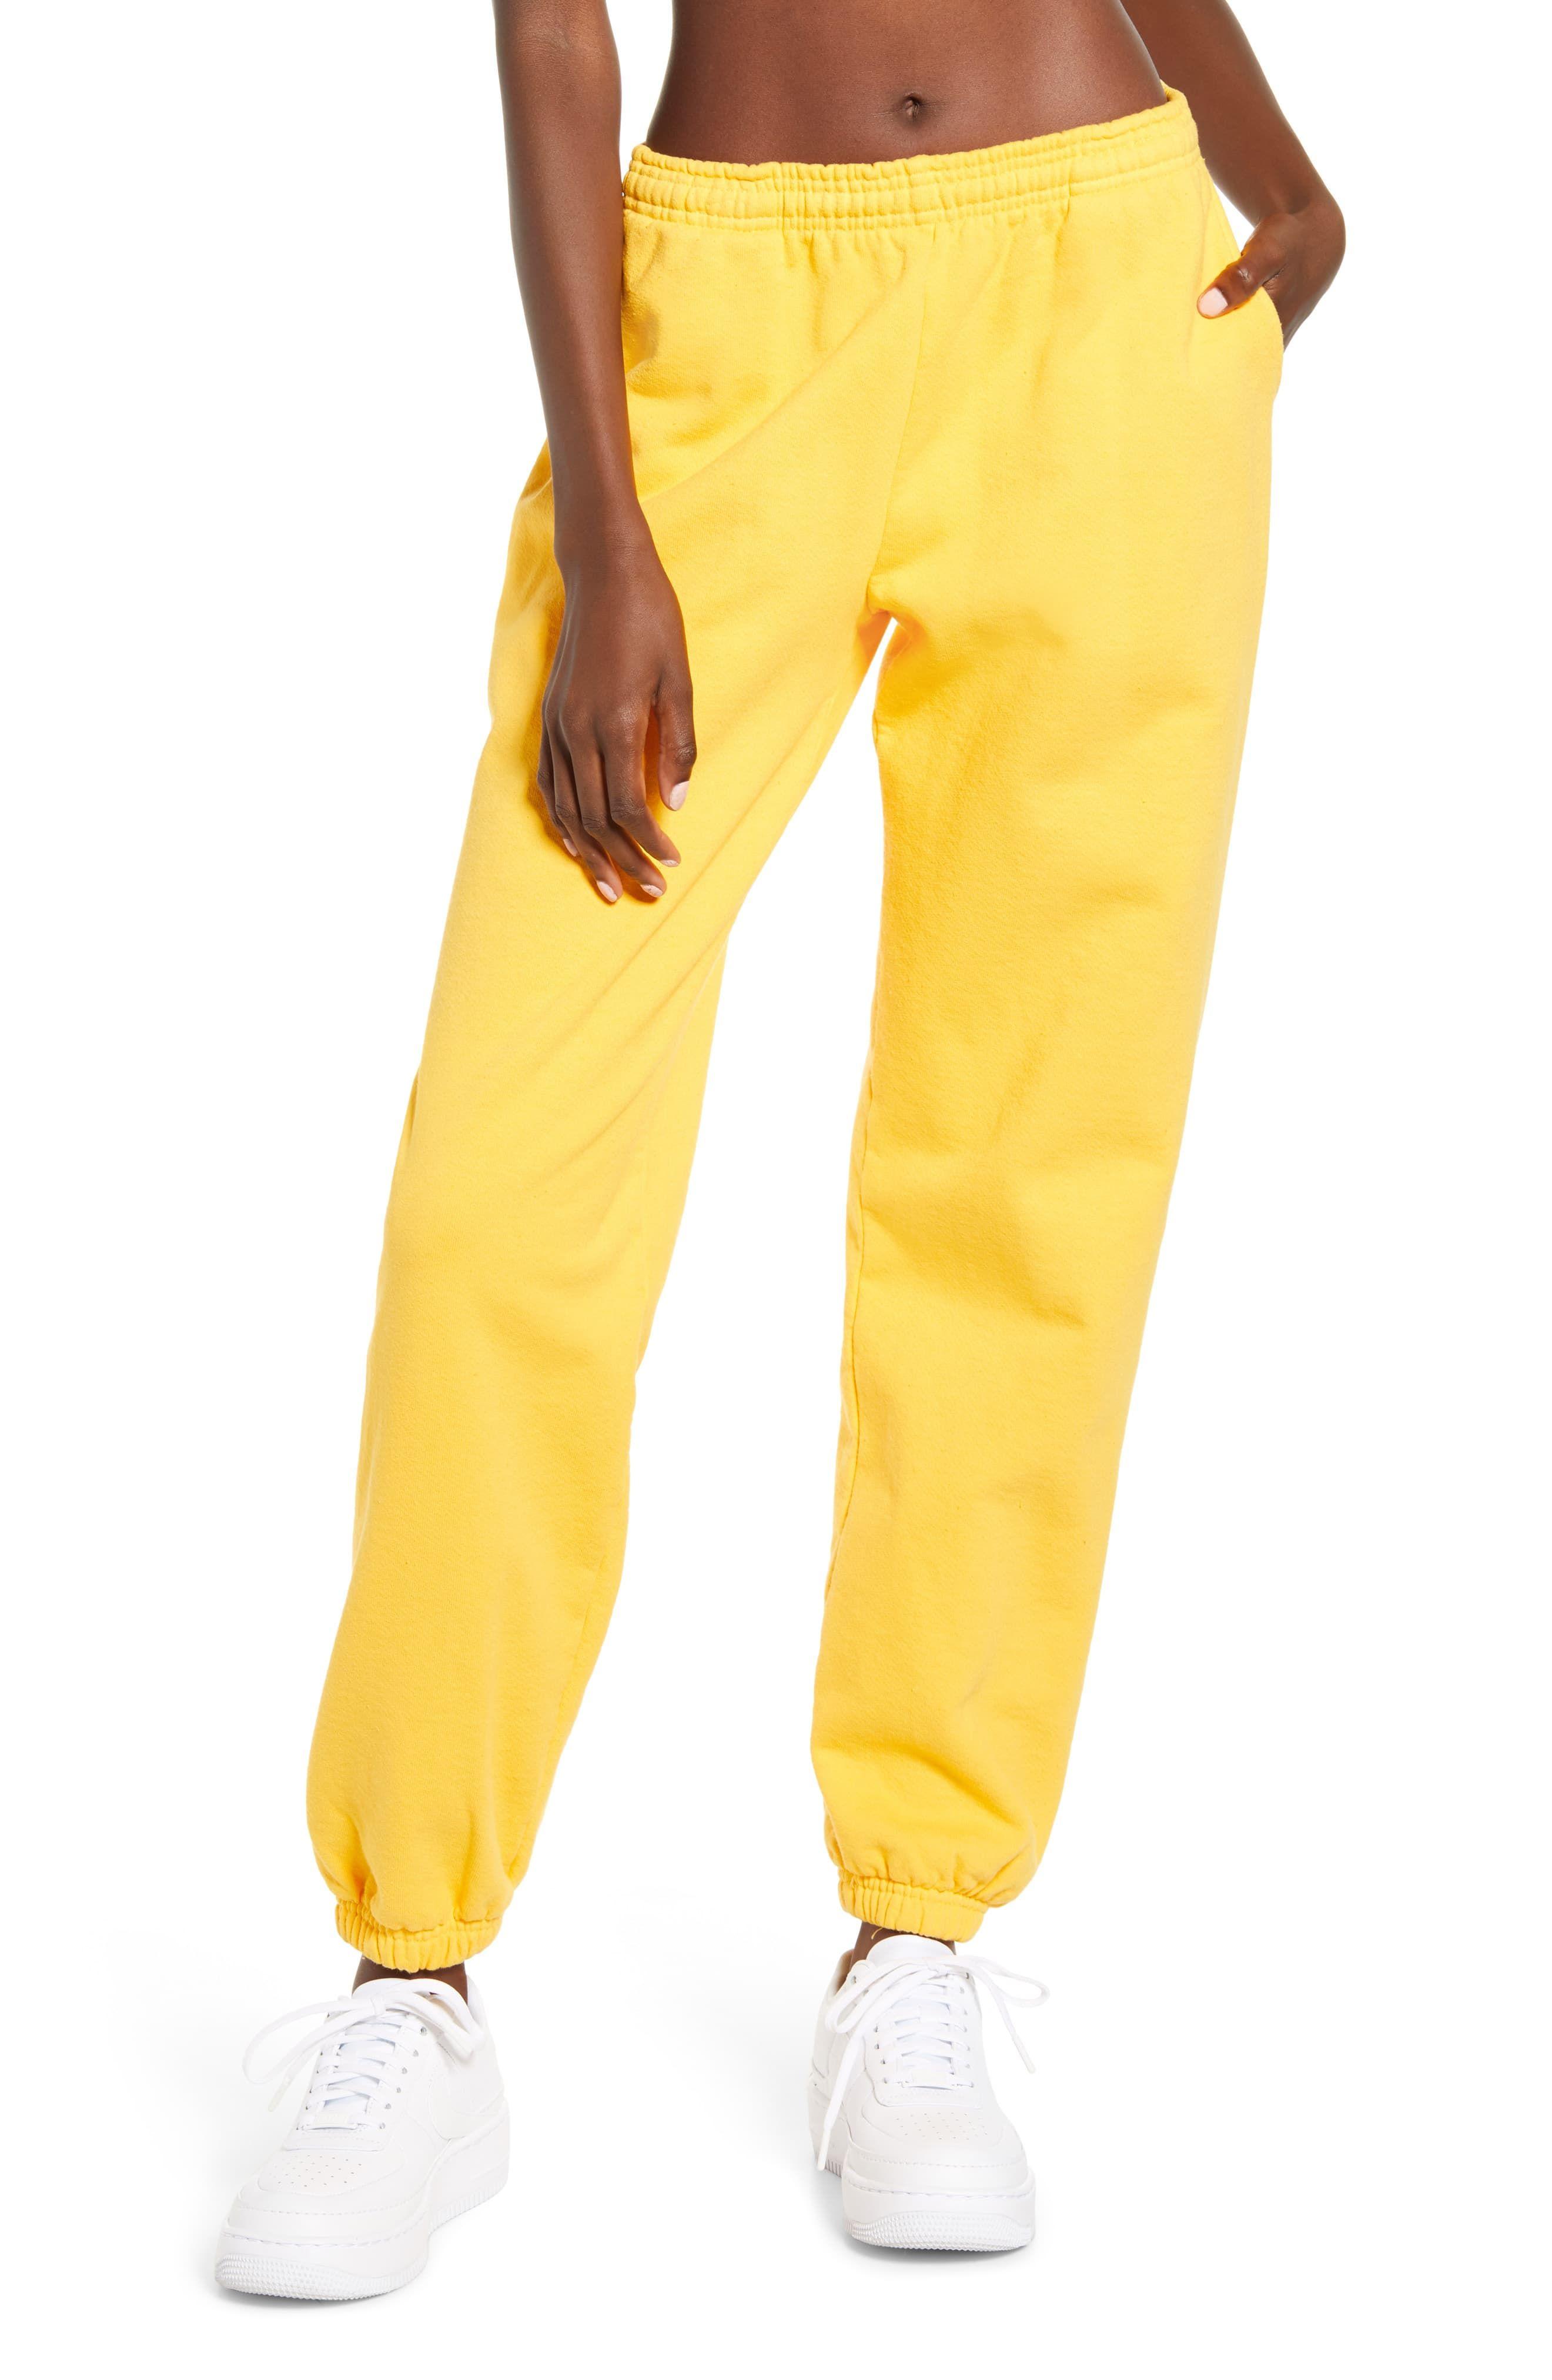 Kappa  Womens Stretch Waist Jogger Pants Yellow Black Stripe Size Small